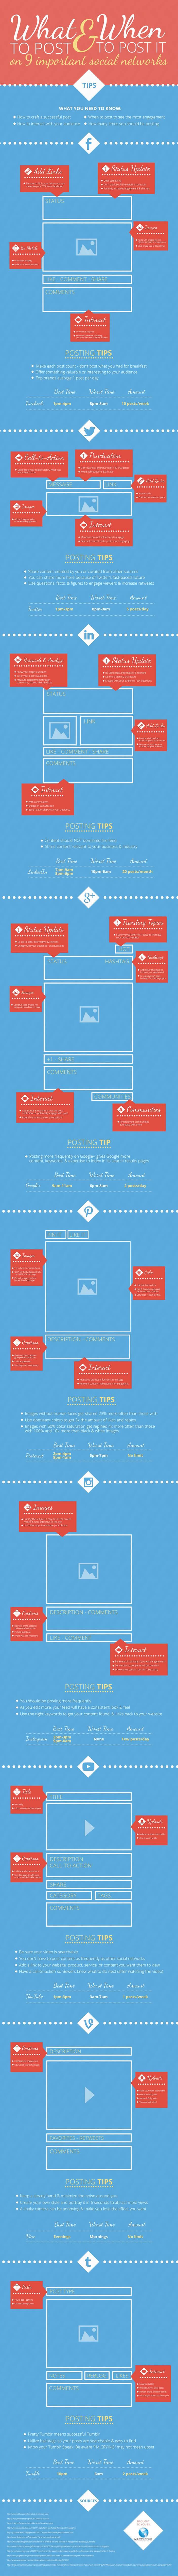 Infographie : heure idéale pour poster sur les réseaux sociaux